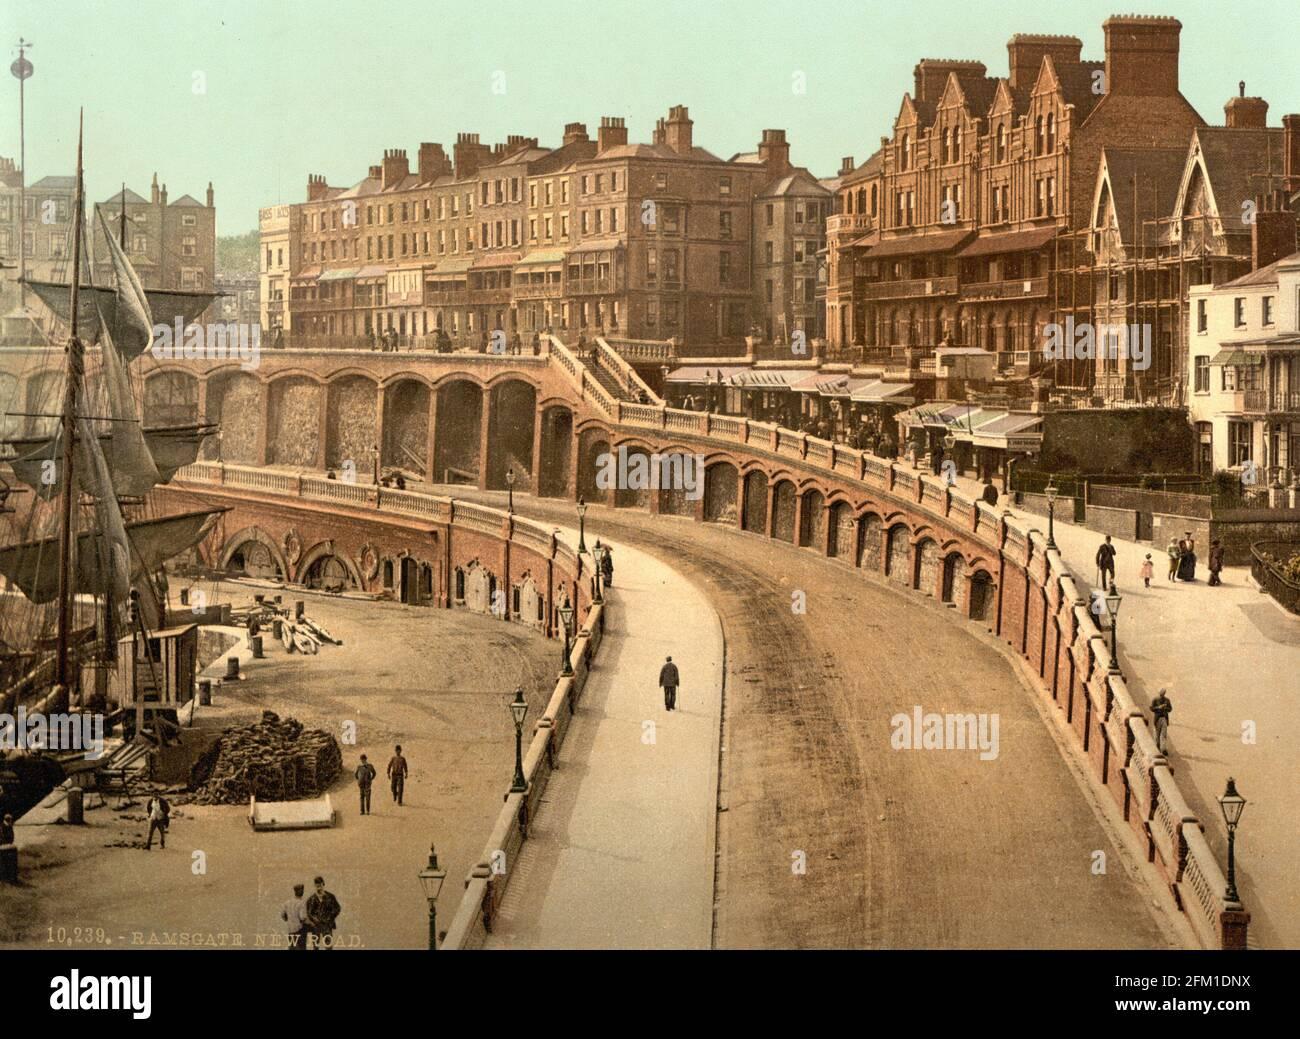 New Road, Ramsgate dans le Kent vers 1890-1900 Banque D'Images